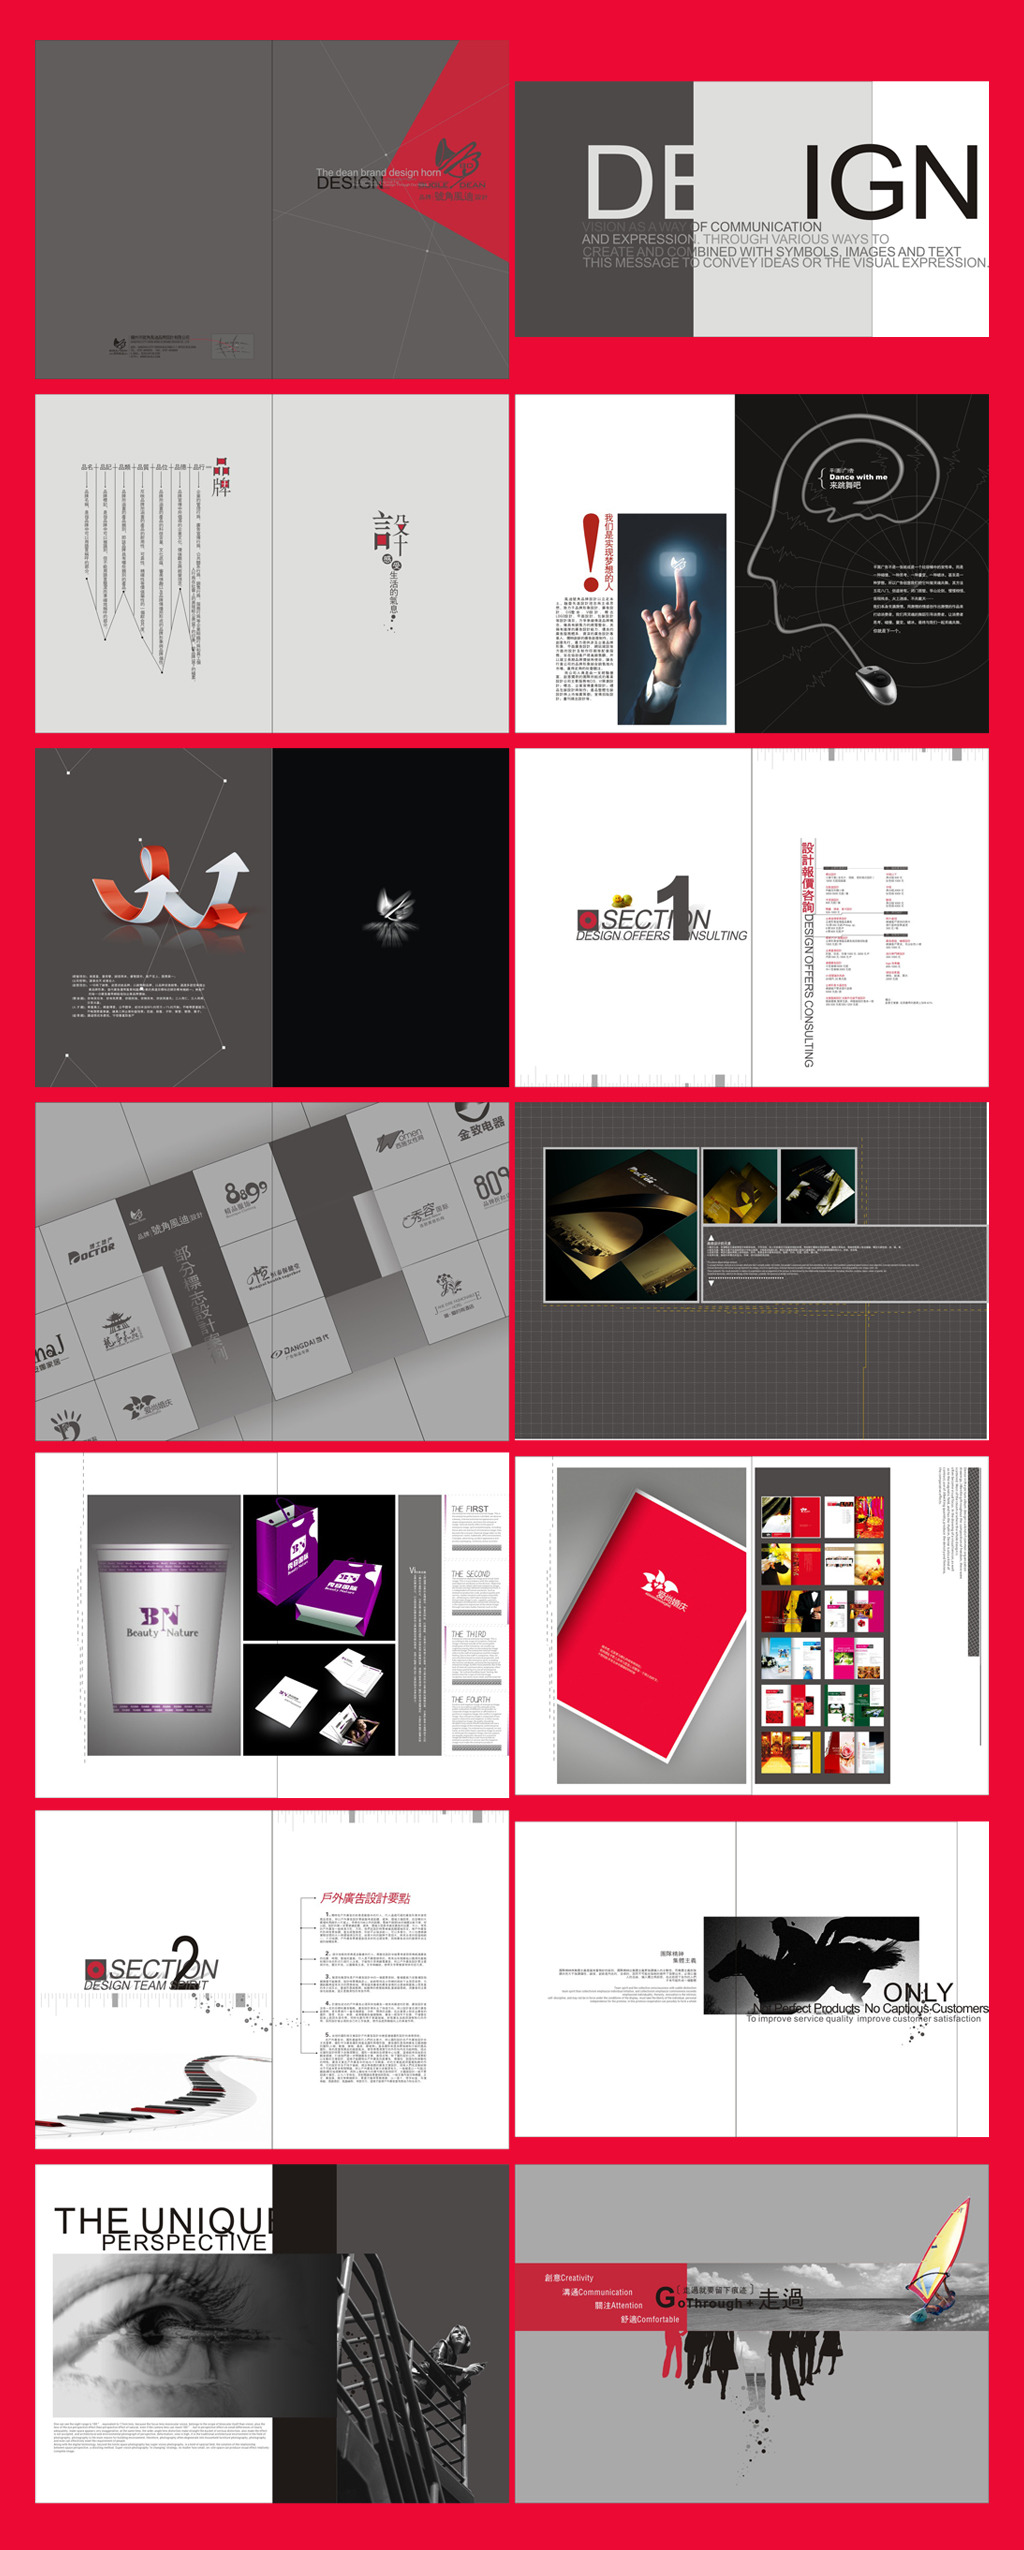 创意广告传媒公司画册模板下载 创意广告传媒公司画册图片下载 宣传册